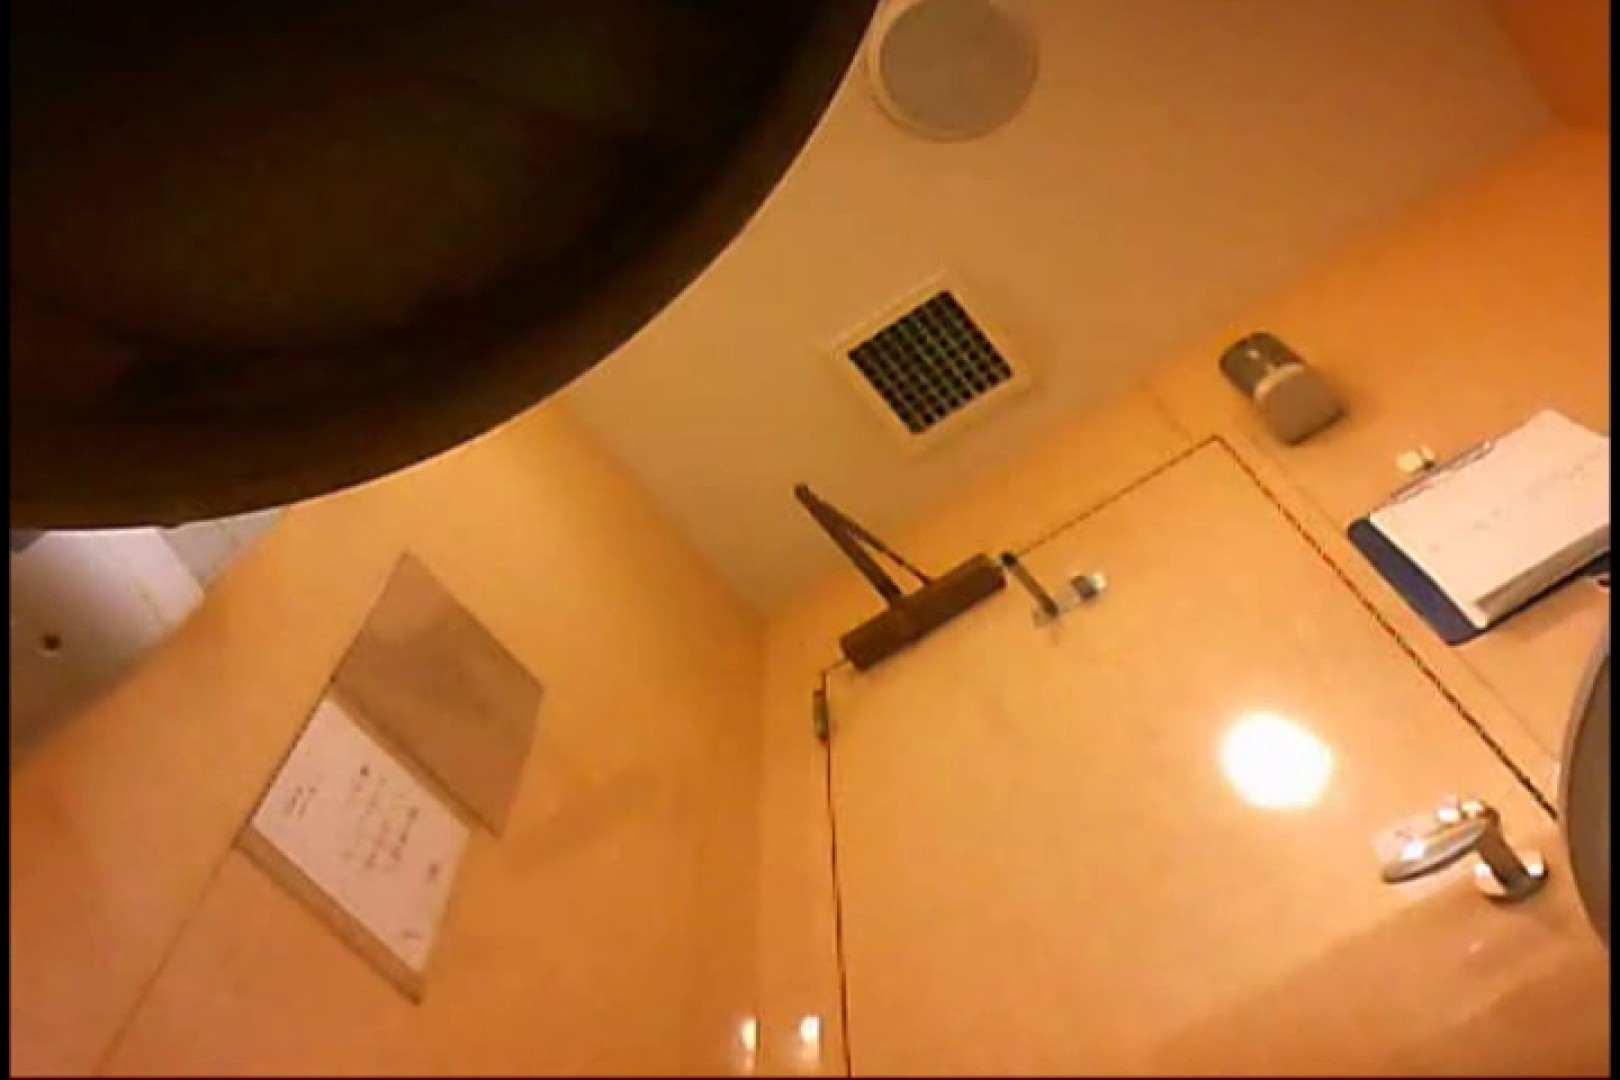 マダムが集まるデパートお手洗い Vol.20 HなOL SEX無修正画像 105pic 54